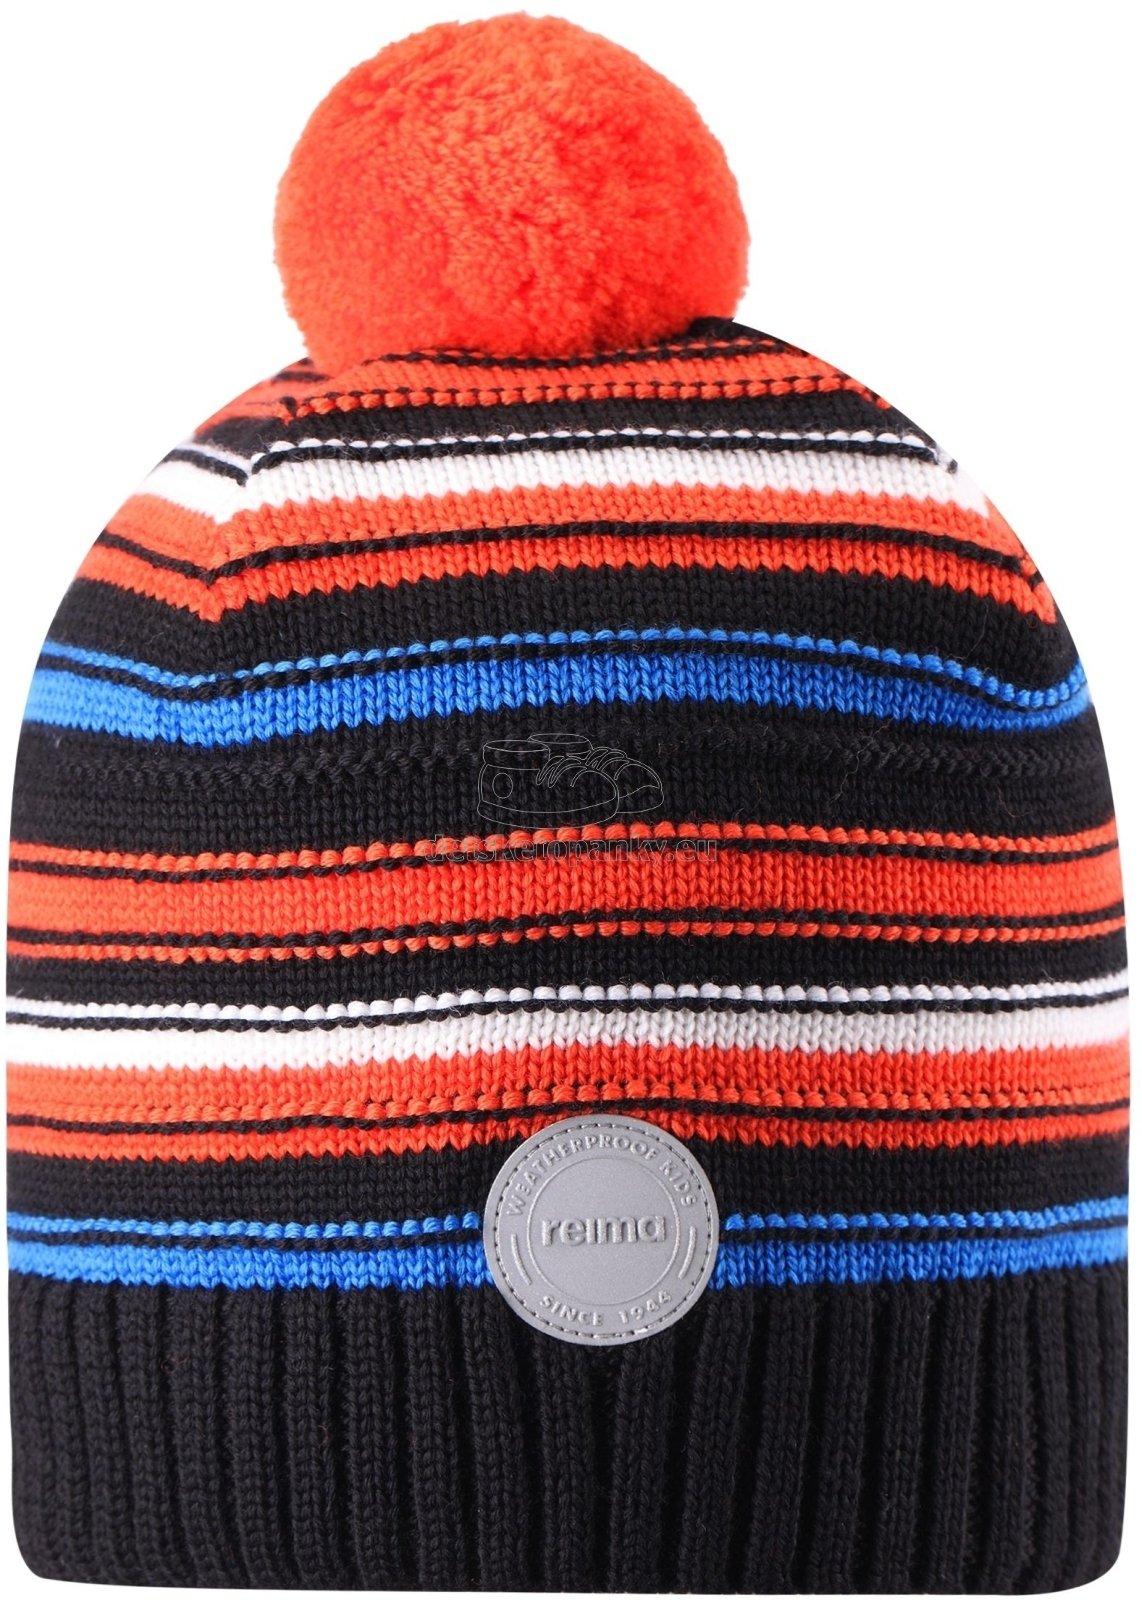 Detská zimná čiapka Reima 538080-9991 black